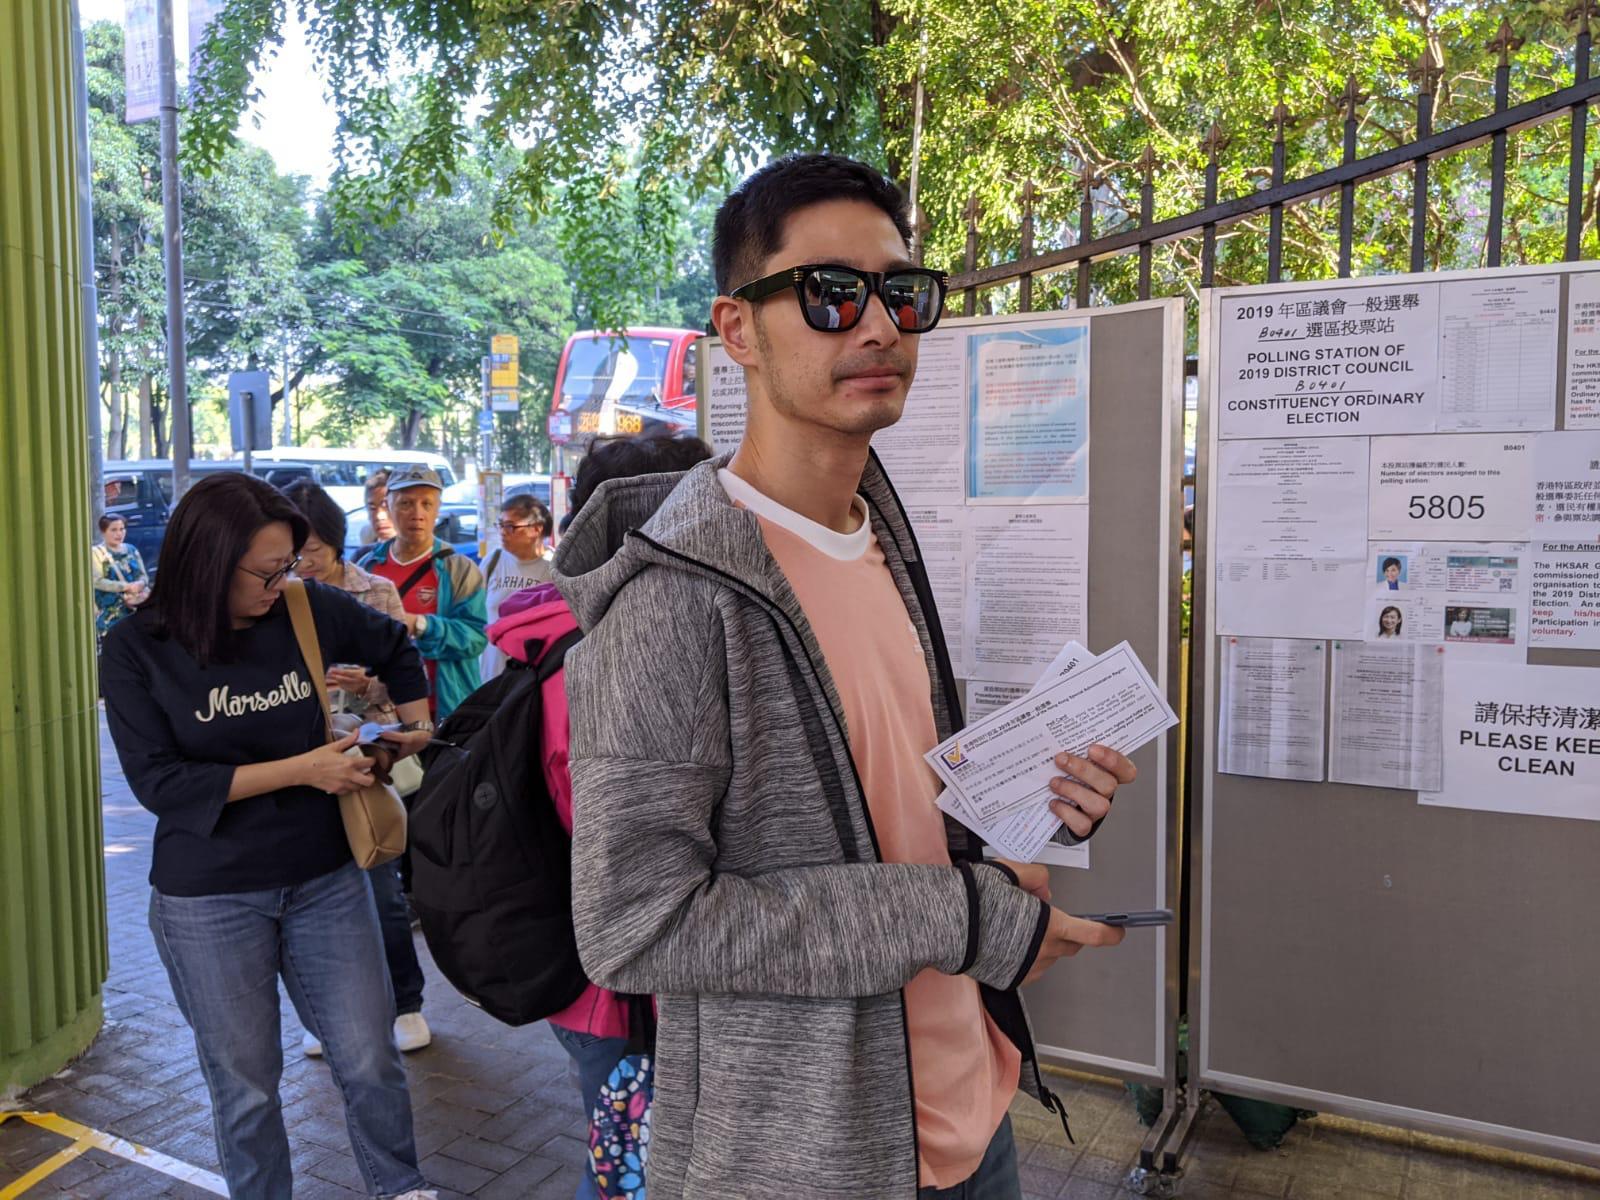 【11.24選舉】藝人王宗堯:用手上選票做「公投」